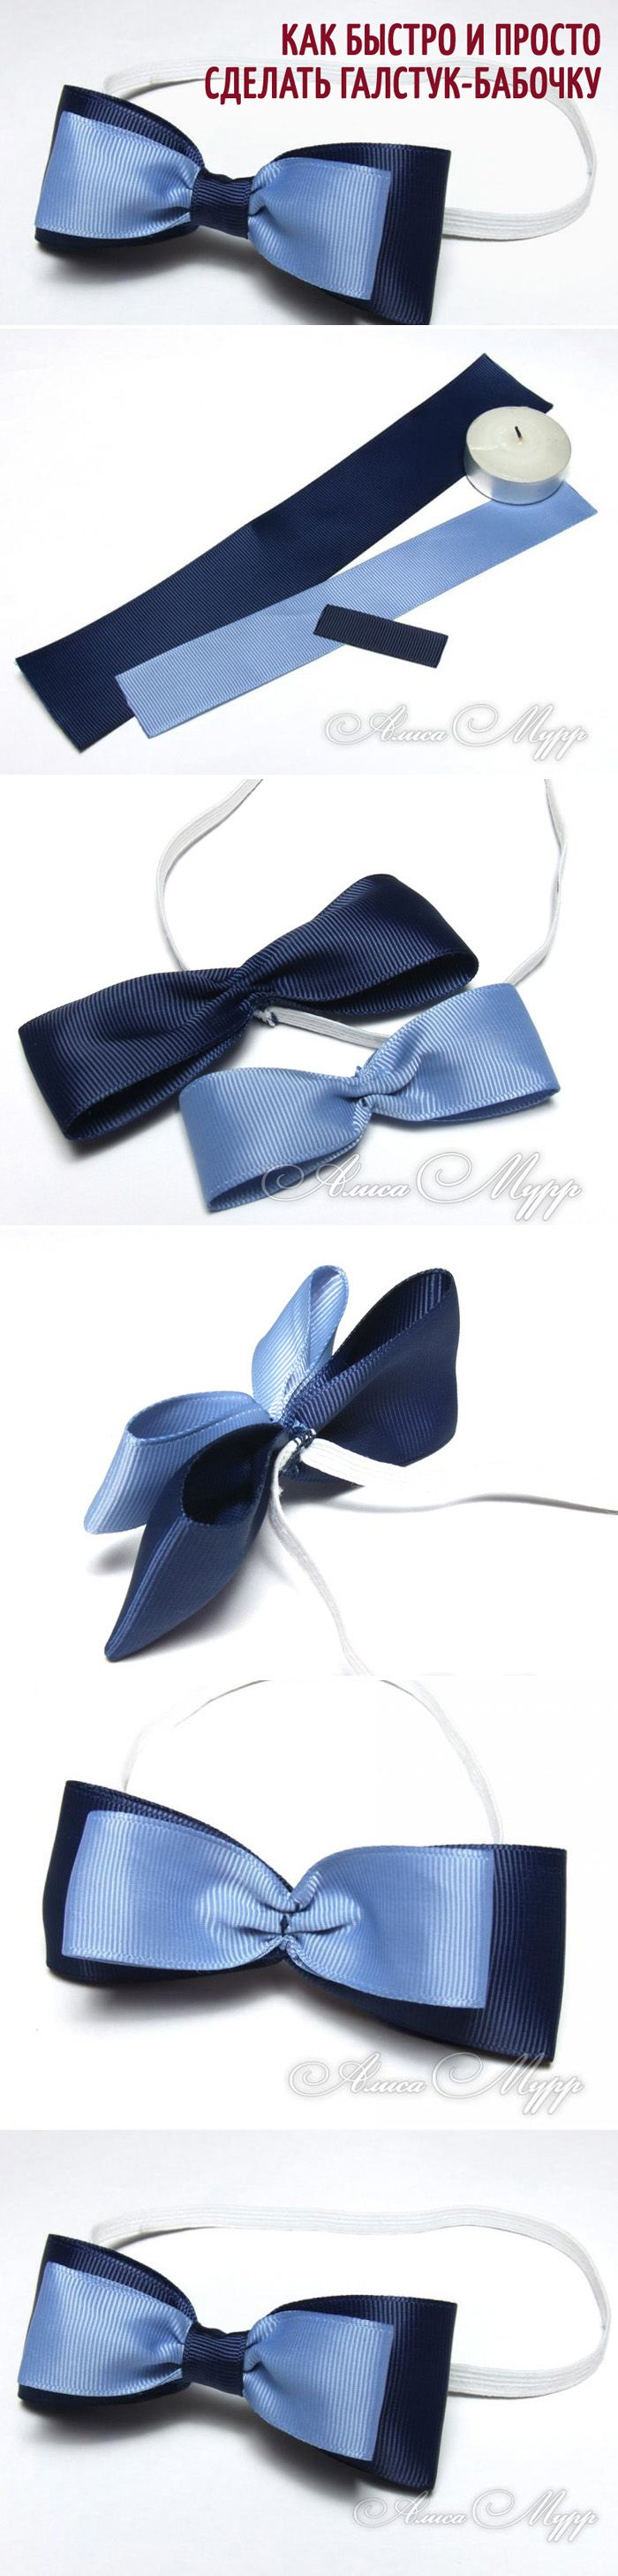 Как быстро и просто сделать галстук-бабочку / The easiest way to make bow tie